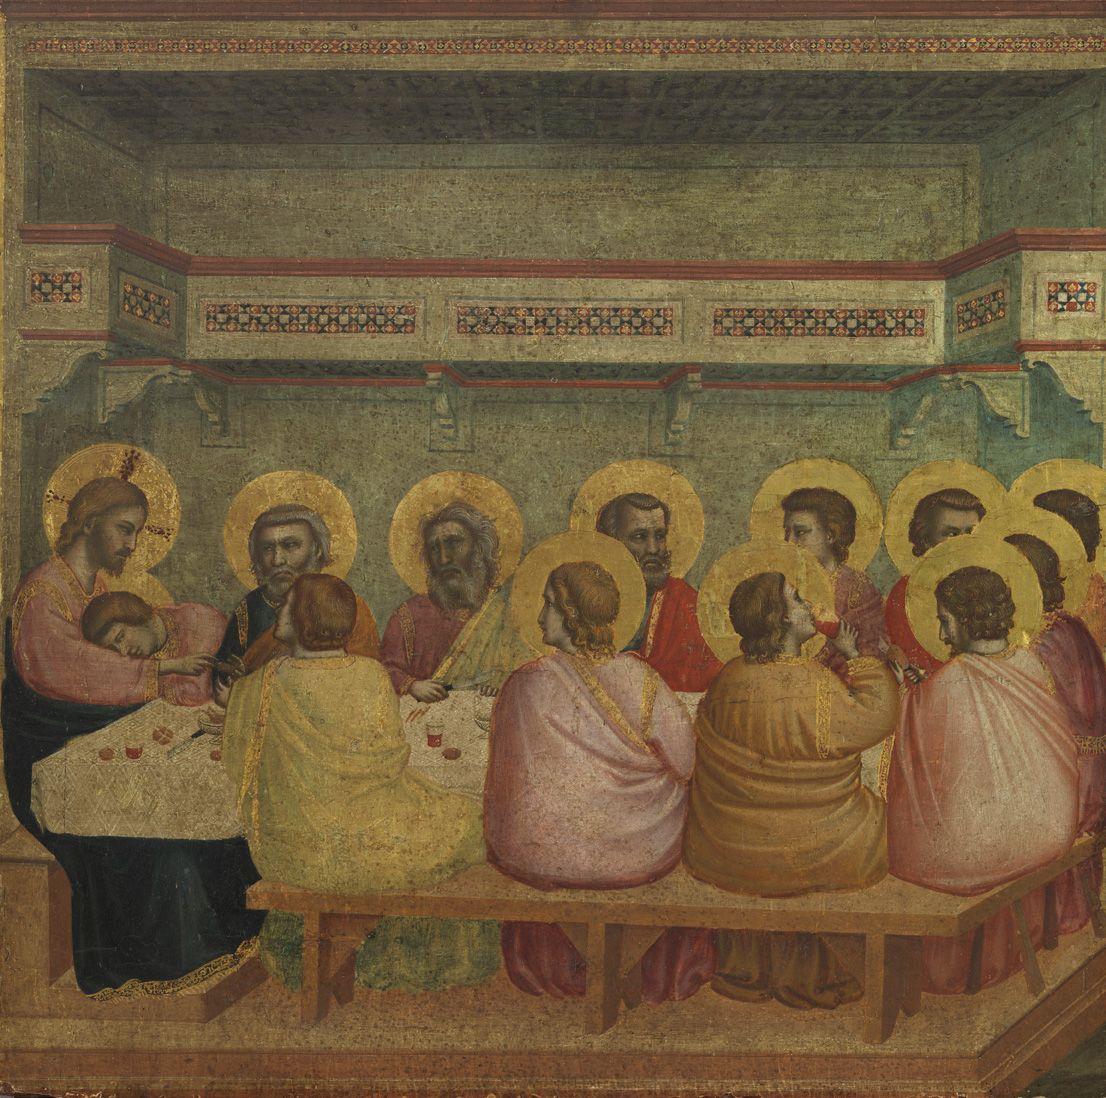 Pin Von Elenajakovlevna - Auf . Giotto Pinakothek Munich Und